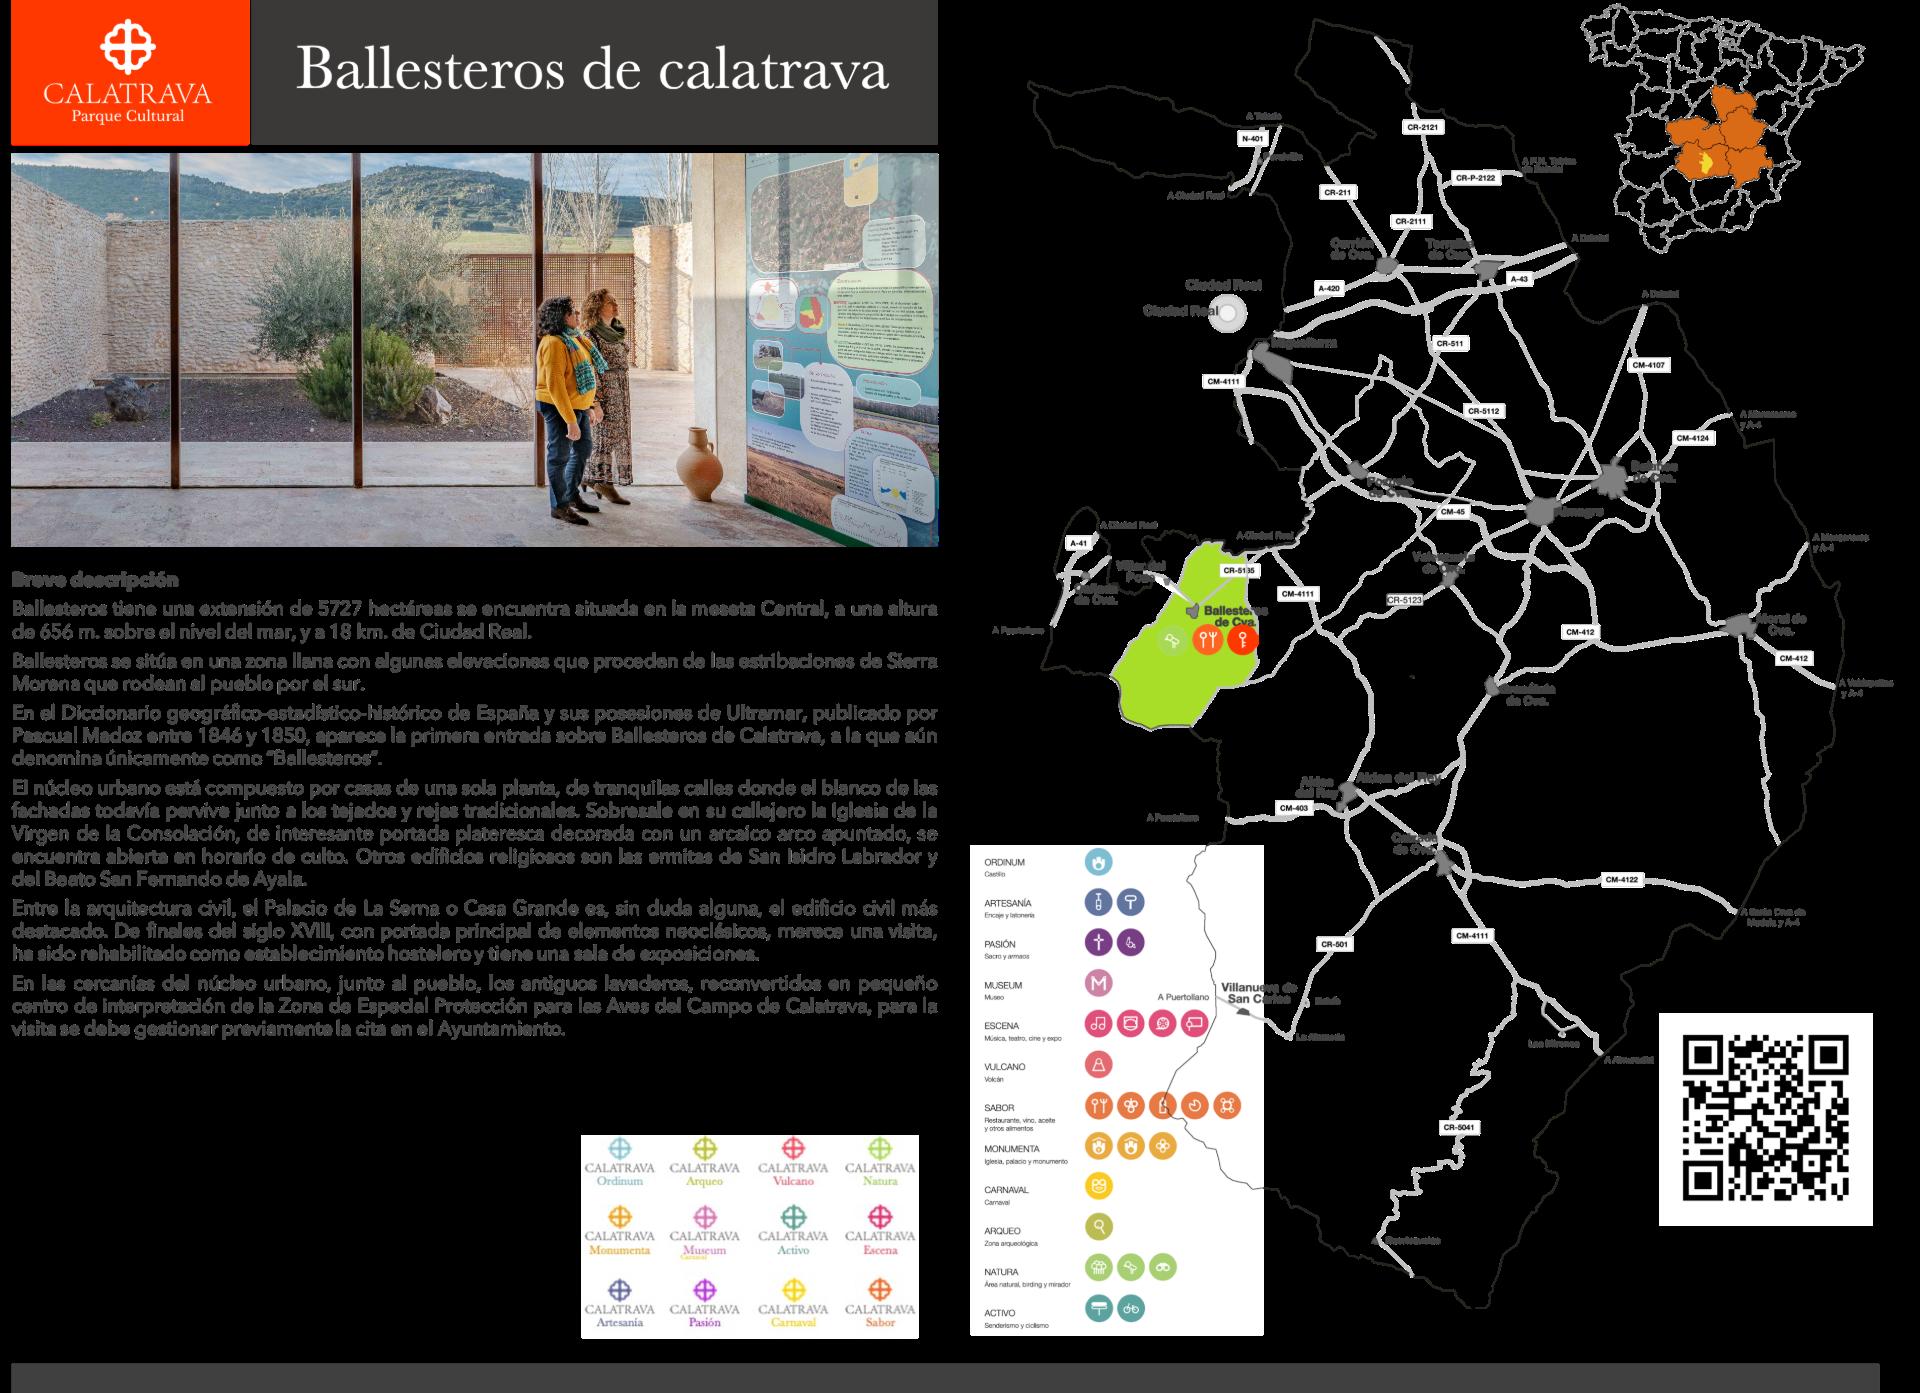 mapa-Ballesteros de Calatrava